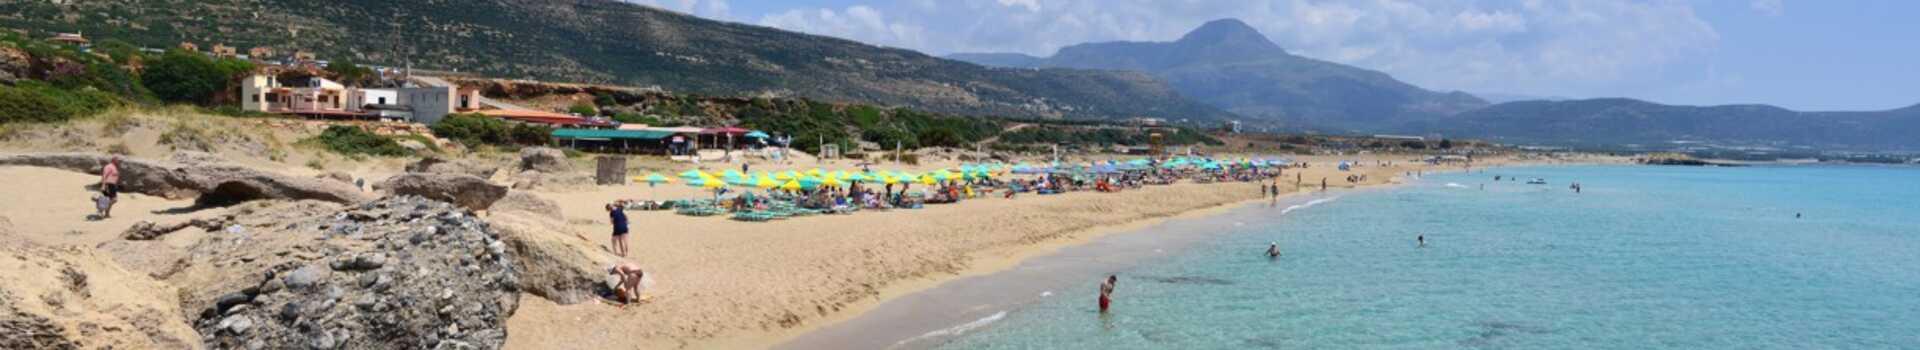 Řecko, Kréta, Pláž Fallasarna (13)